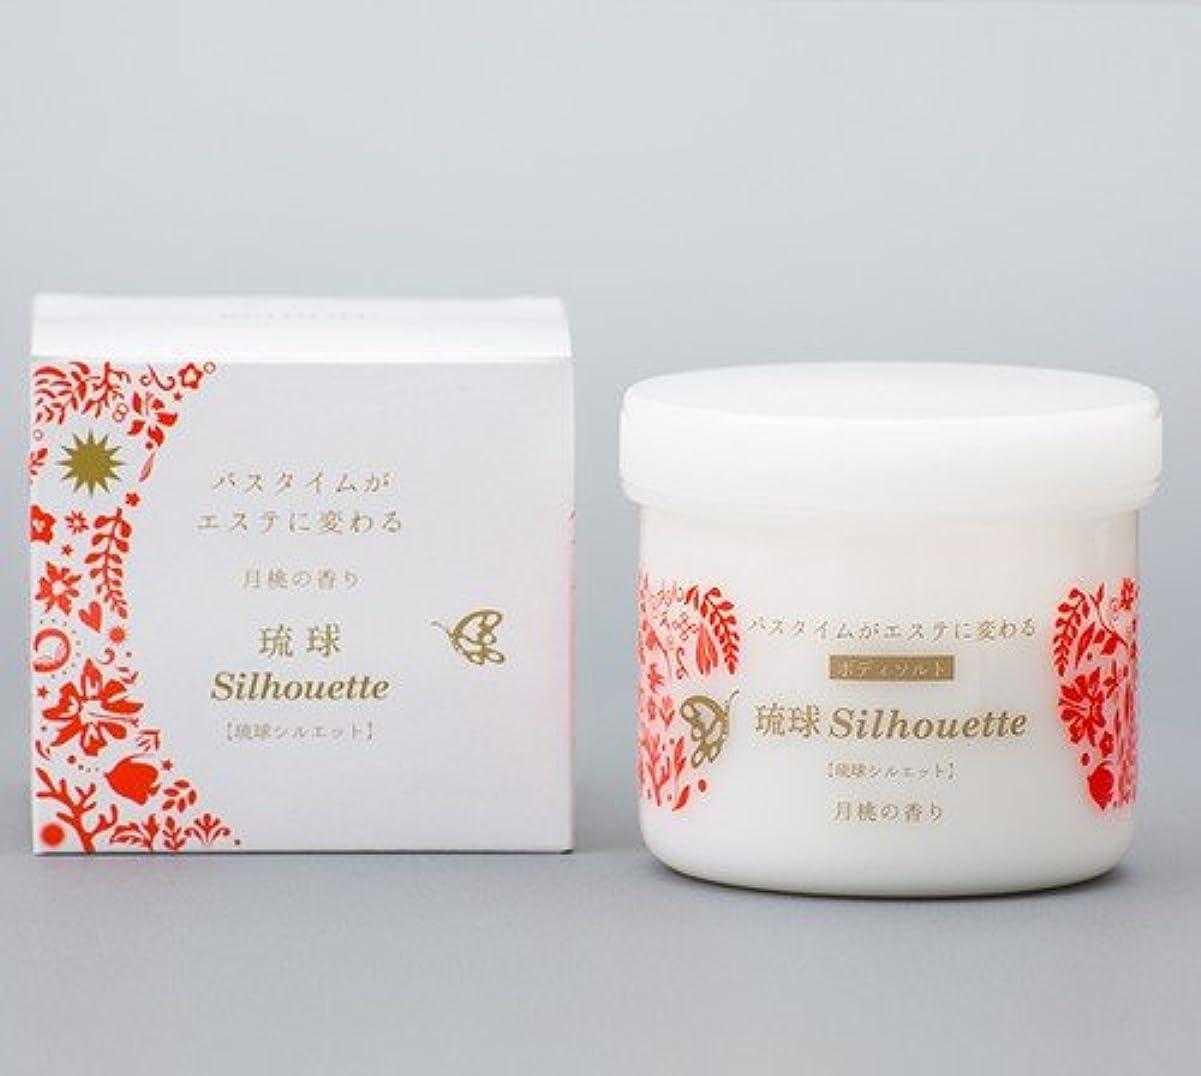 鉛幸福寮月桃の香り 琉球シルエット ソルトソープ(200g)